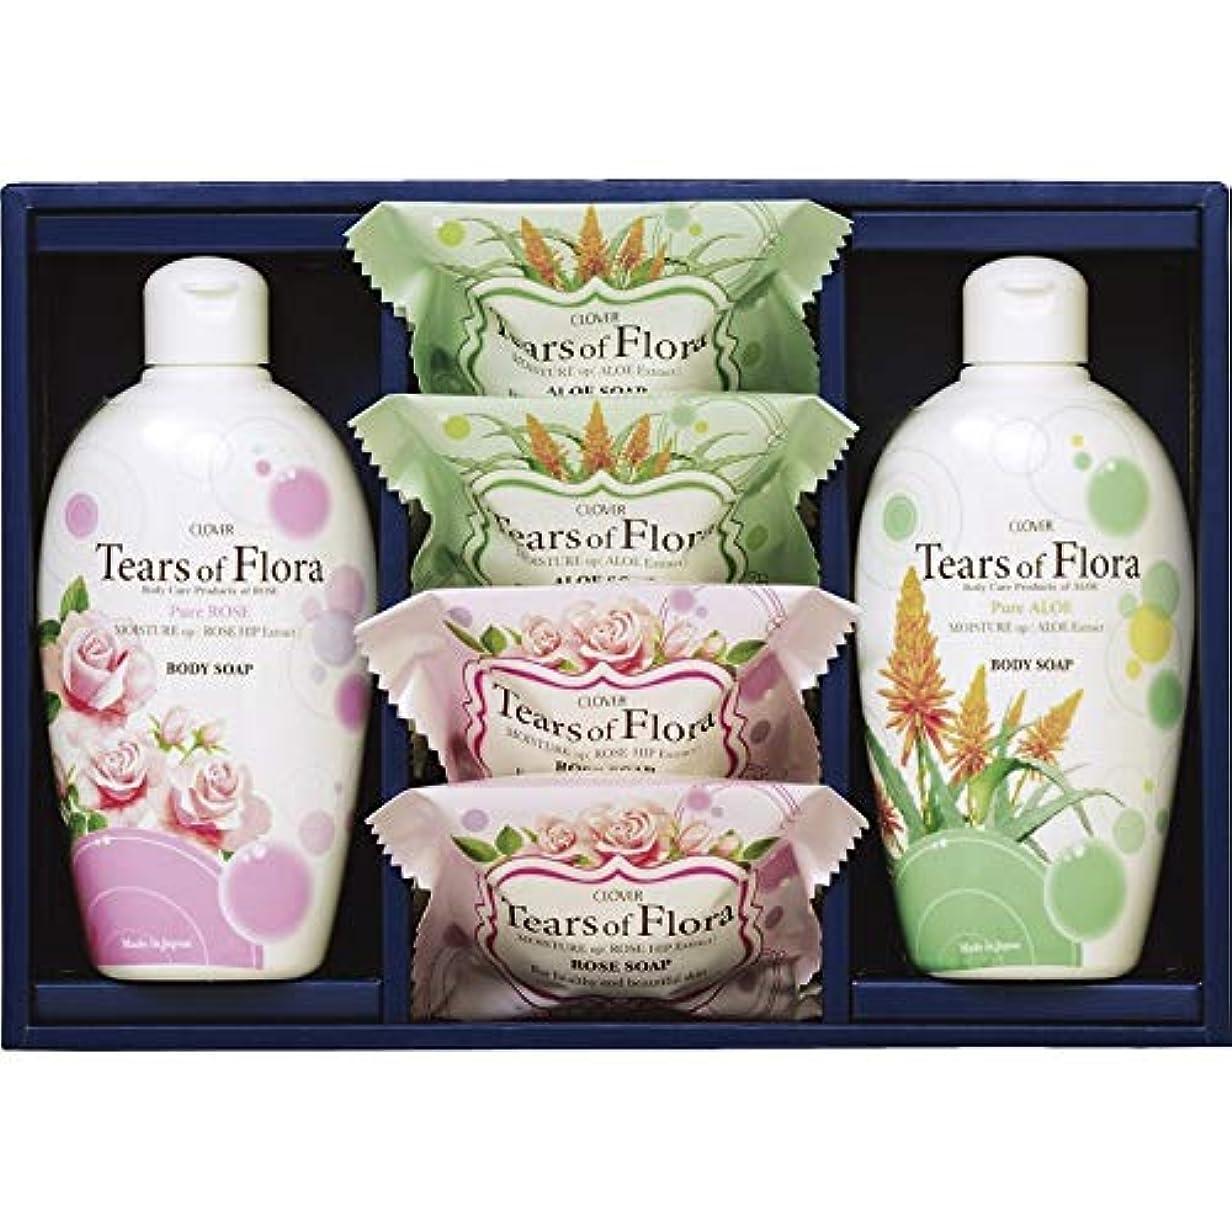 温室単なるこしょうティアーズオブフローラ TFR-15 【石けん いい香り うるおい 個包装 洗う 美容 あらう ギフト プレゼント 詰め合わせ 良い香り 全身洗える ボディソープ お風呂 バスタイム せっけん セット 美肌】